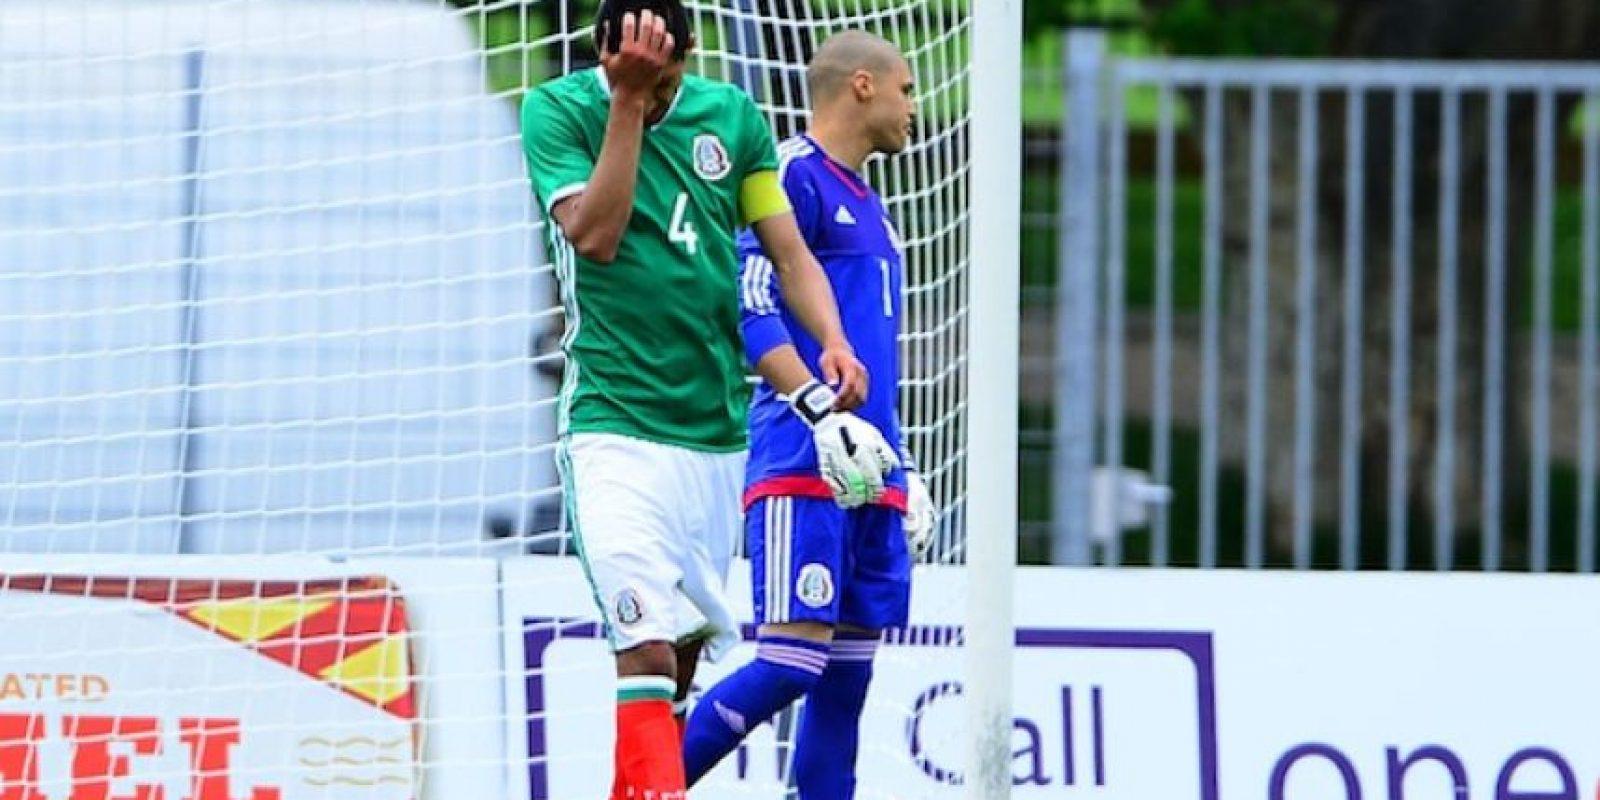 Las caras de desilusión inundaron al cuadro mexicano en la cancha. Foto:Mexsport